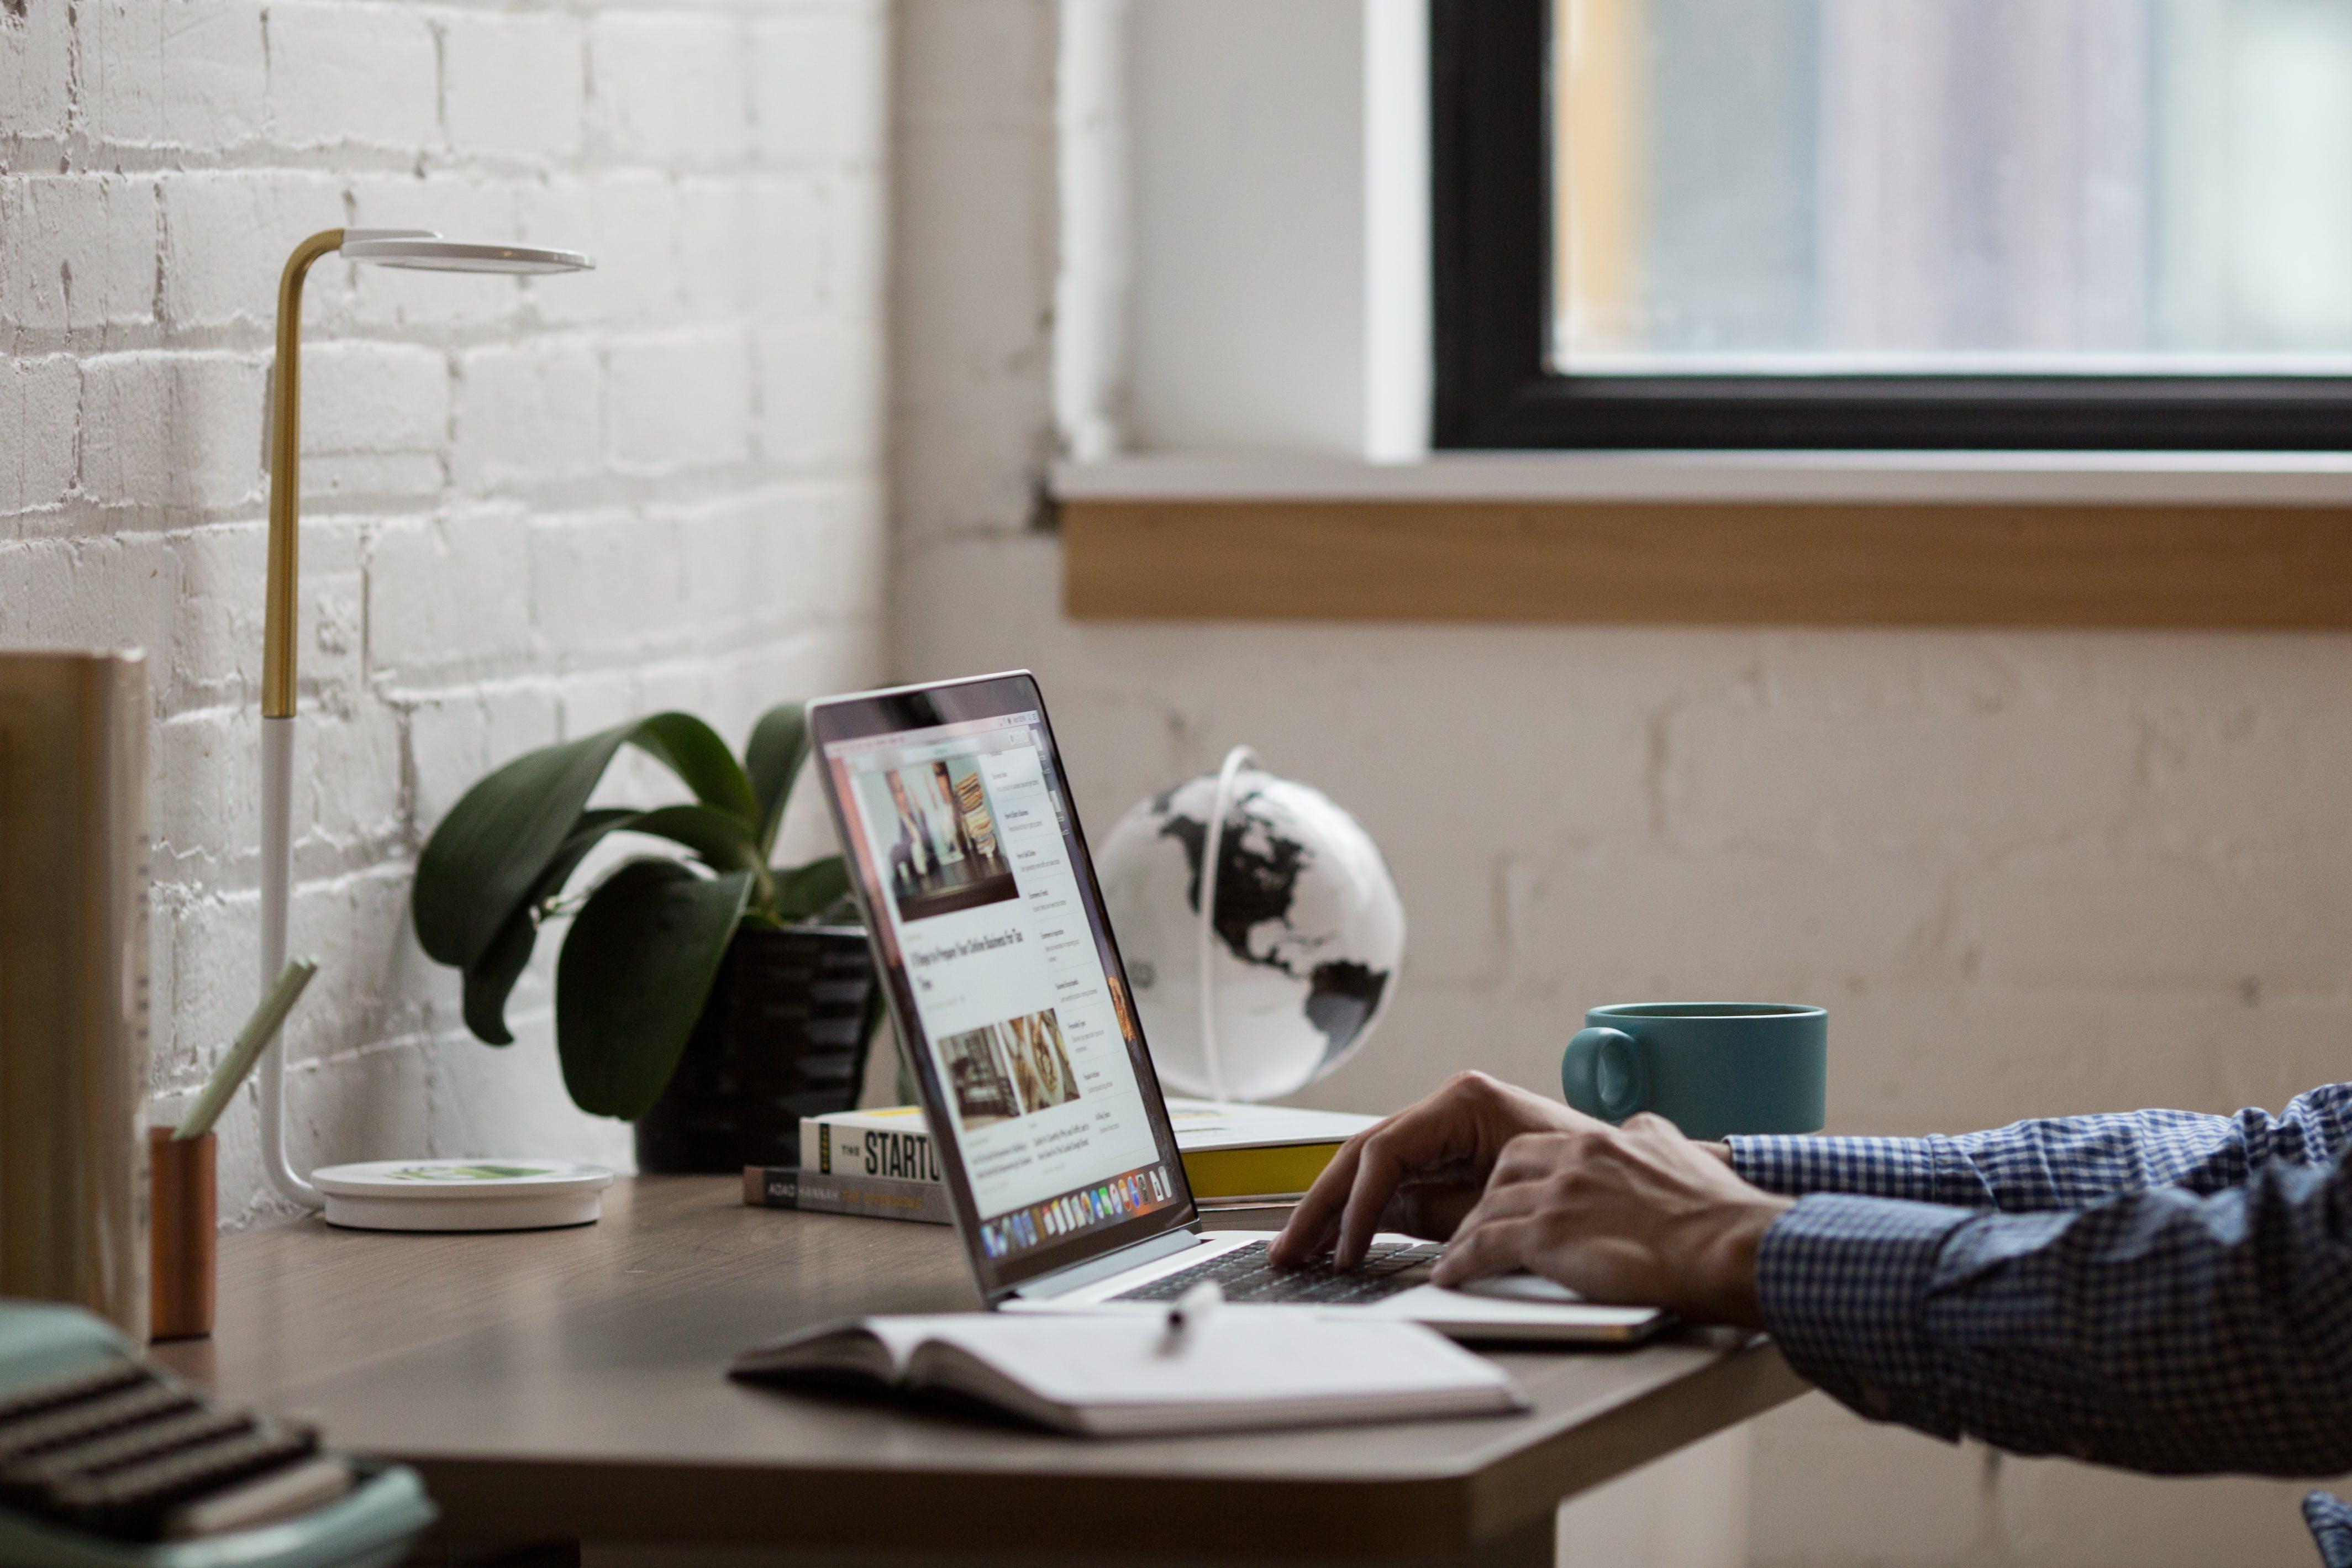 rabota 2 obuchenie internet biznes  5 seo техник, которые будут эффективны в 2018 году